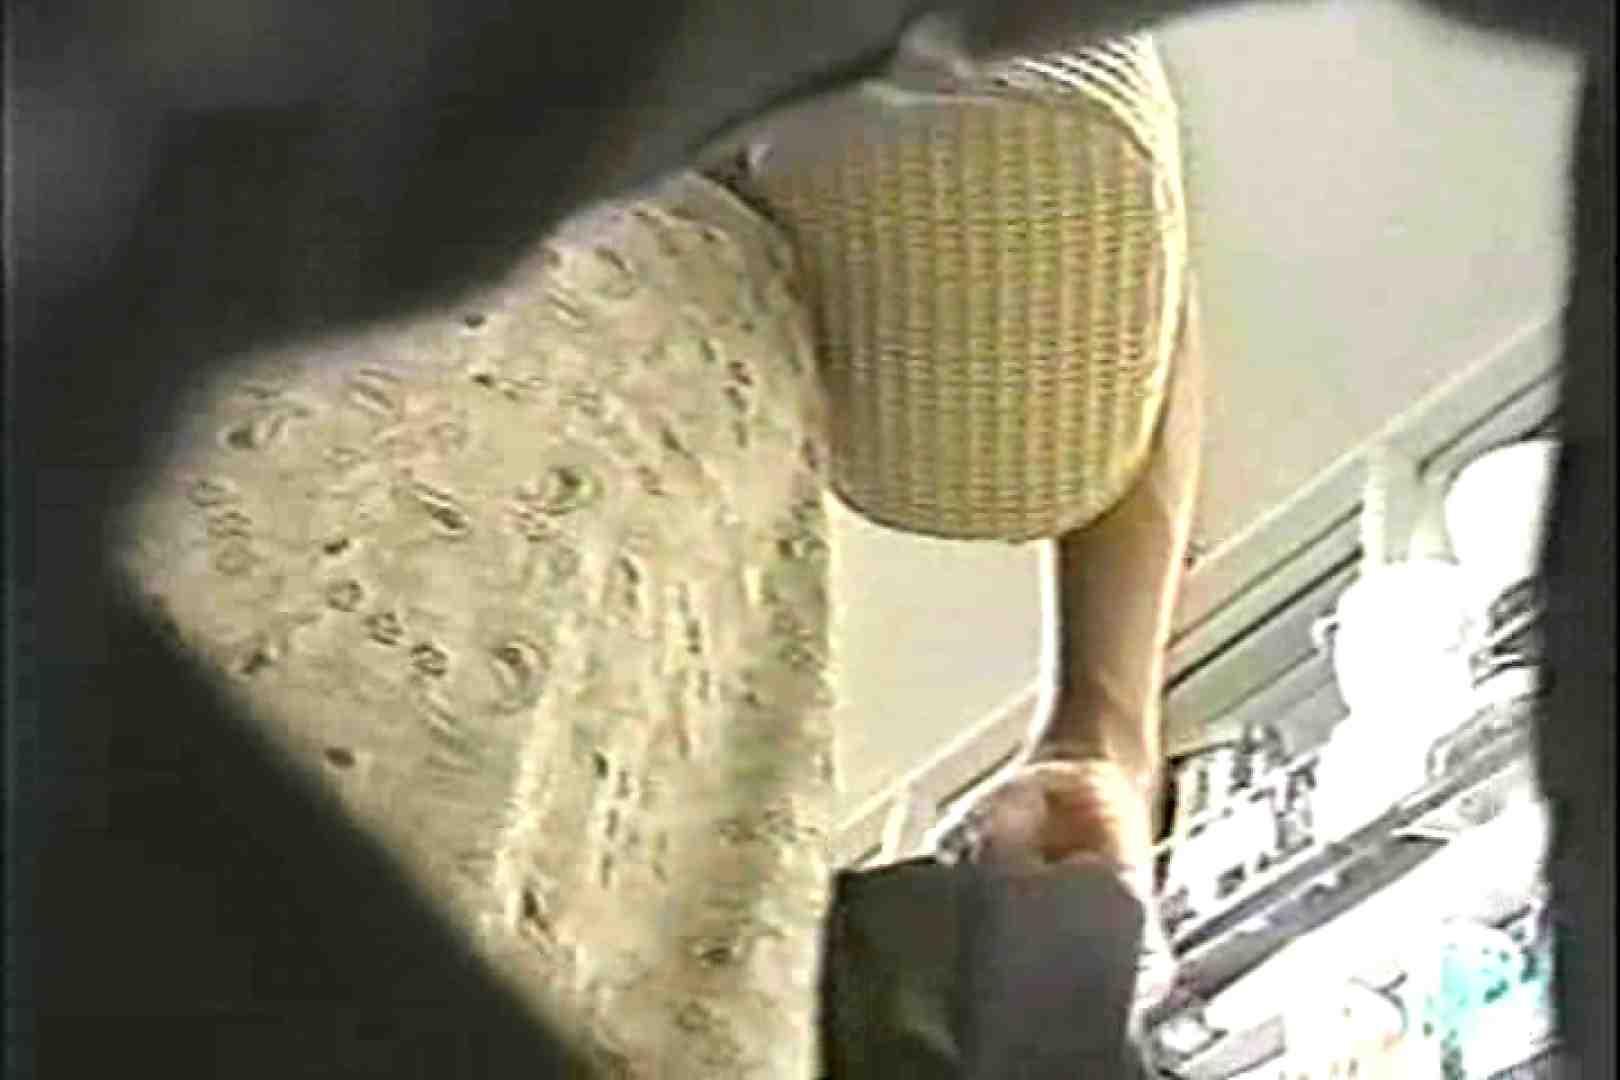 「ちくりん」さんのオリジナル未編集パンチラVol.3_02 チラ見え画像 われめAV動画紹介 65連発 18